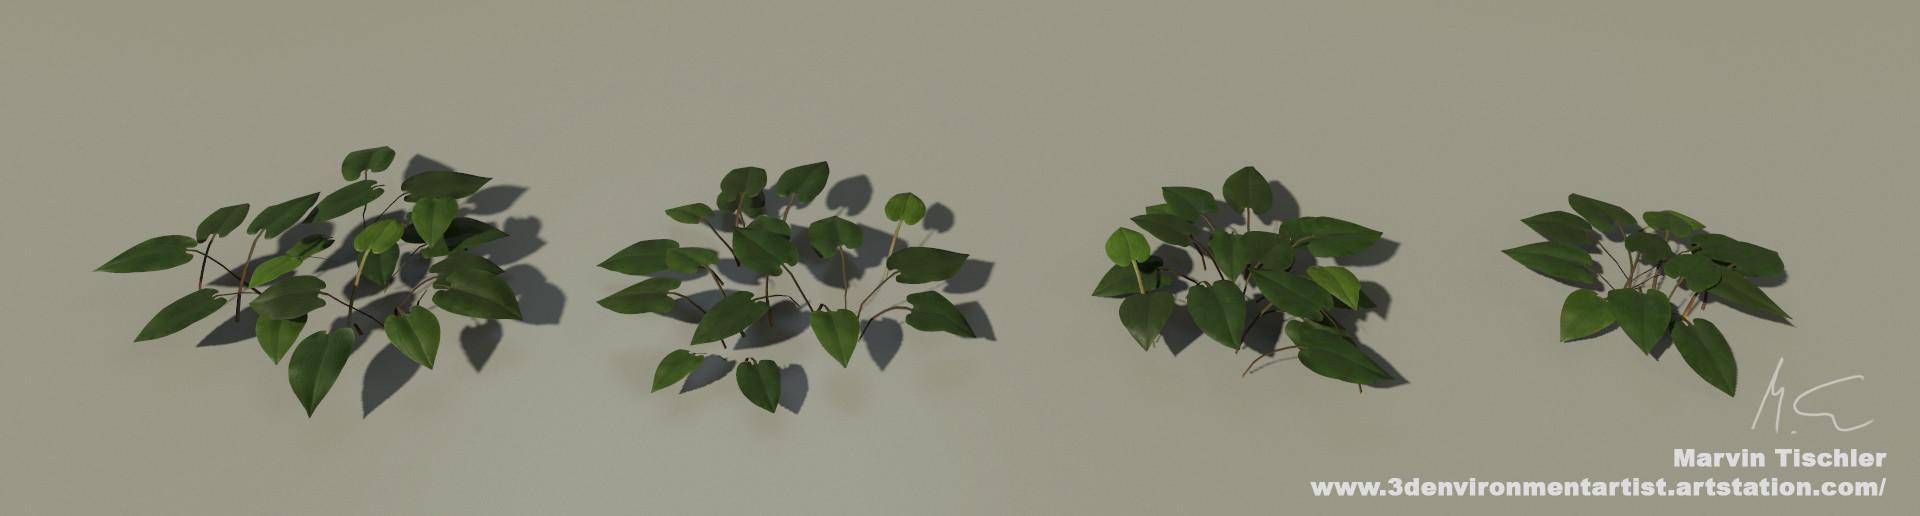 Marvin tischler plants 001 k